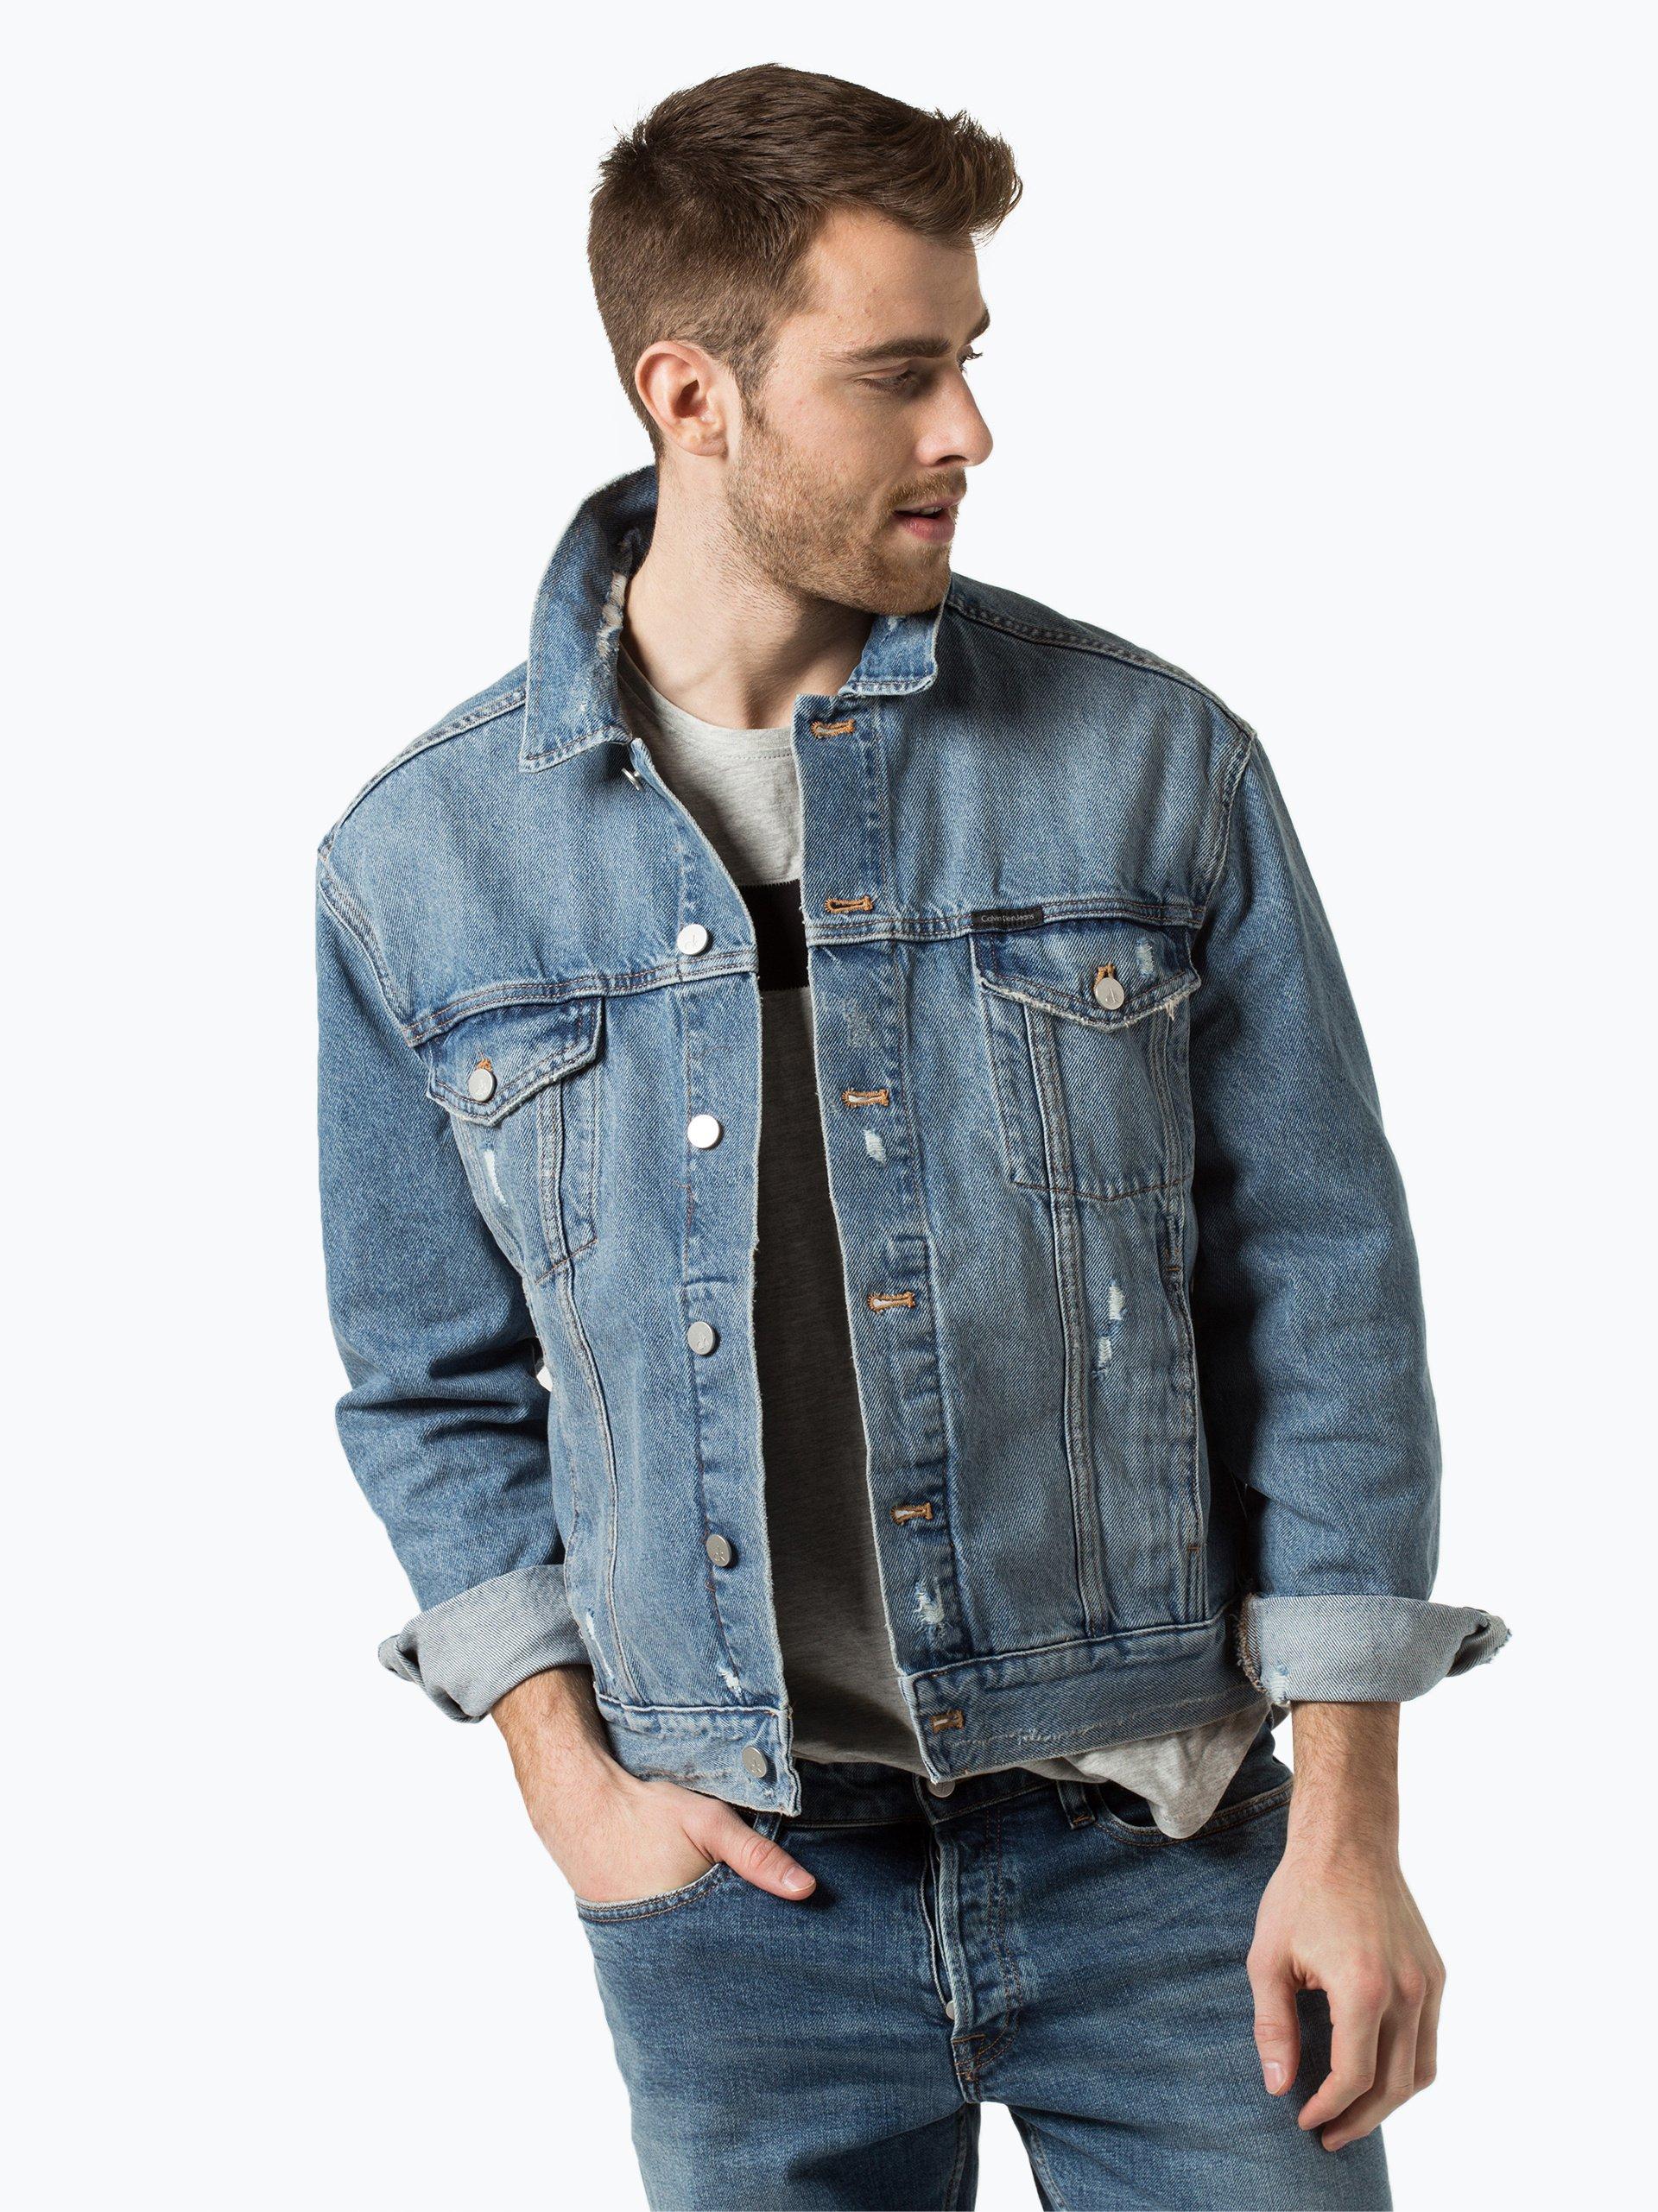 calvin klein jeans herren jeansjacke indigo uni online kaufen peek und cloppenburg de. Black Bedroom Furniture Sets. Home Design Ideas